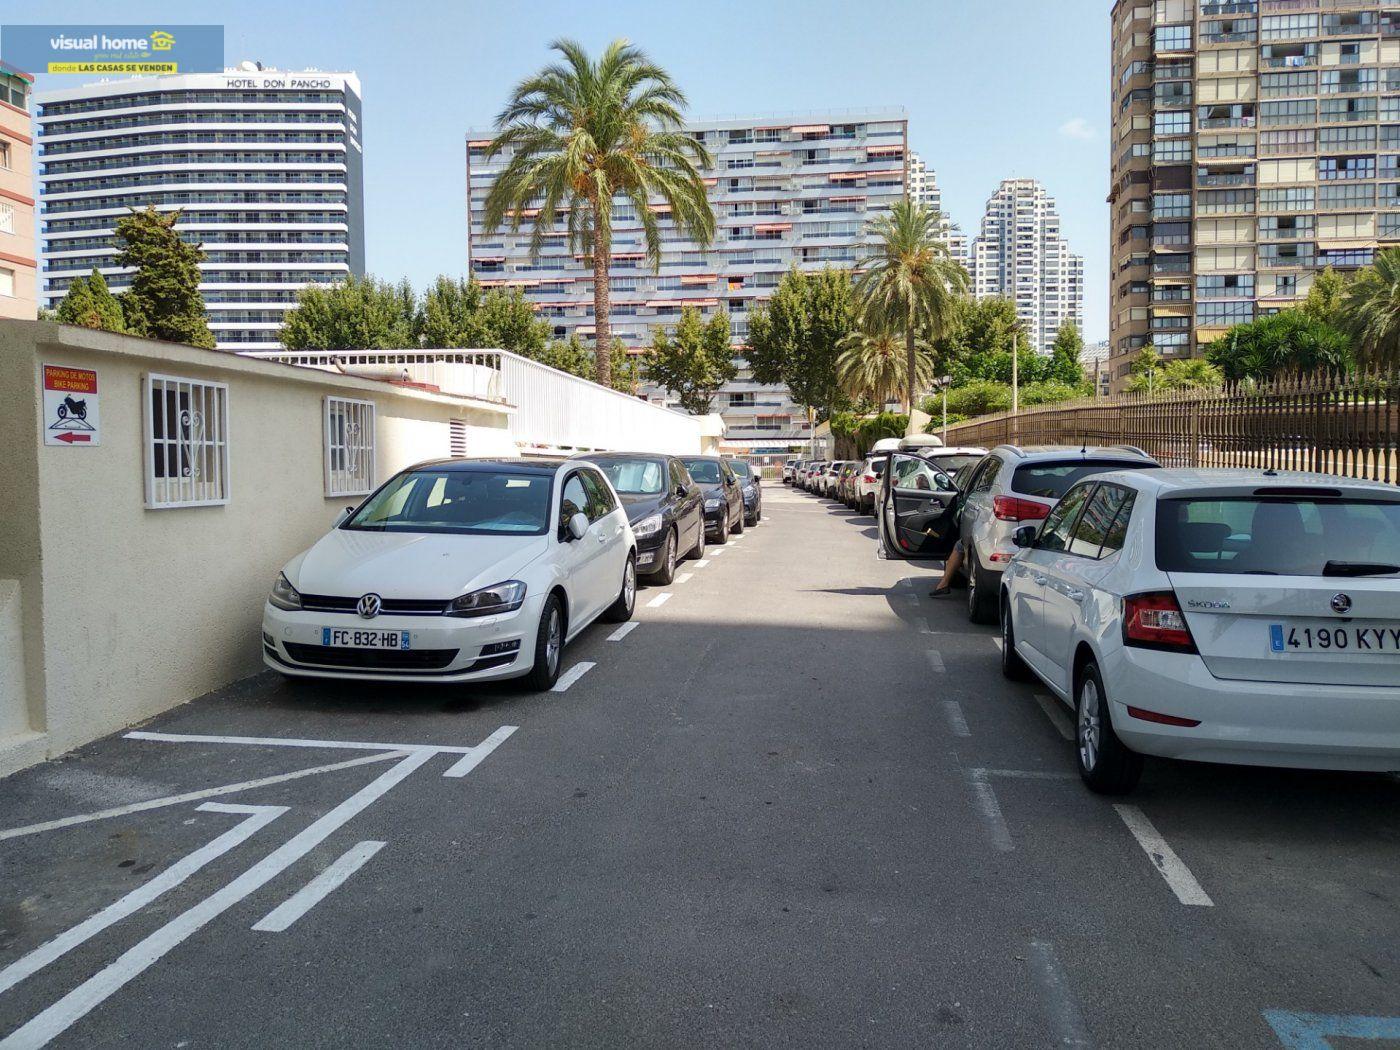 Apartamento de 1 dormitorio con espectaculares vistas  en 1ª linea de playa con parking y piscina 32